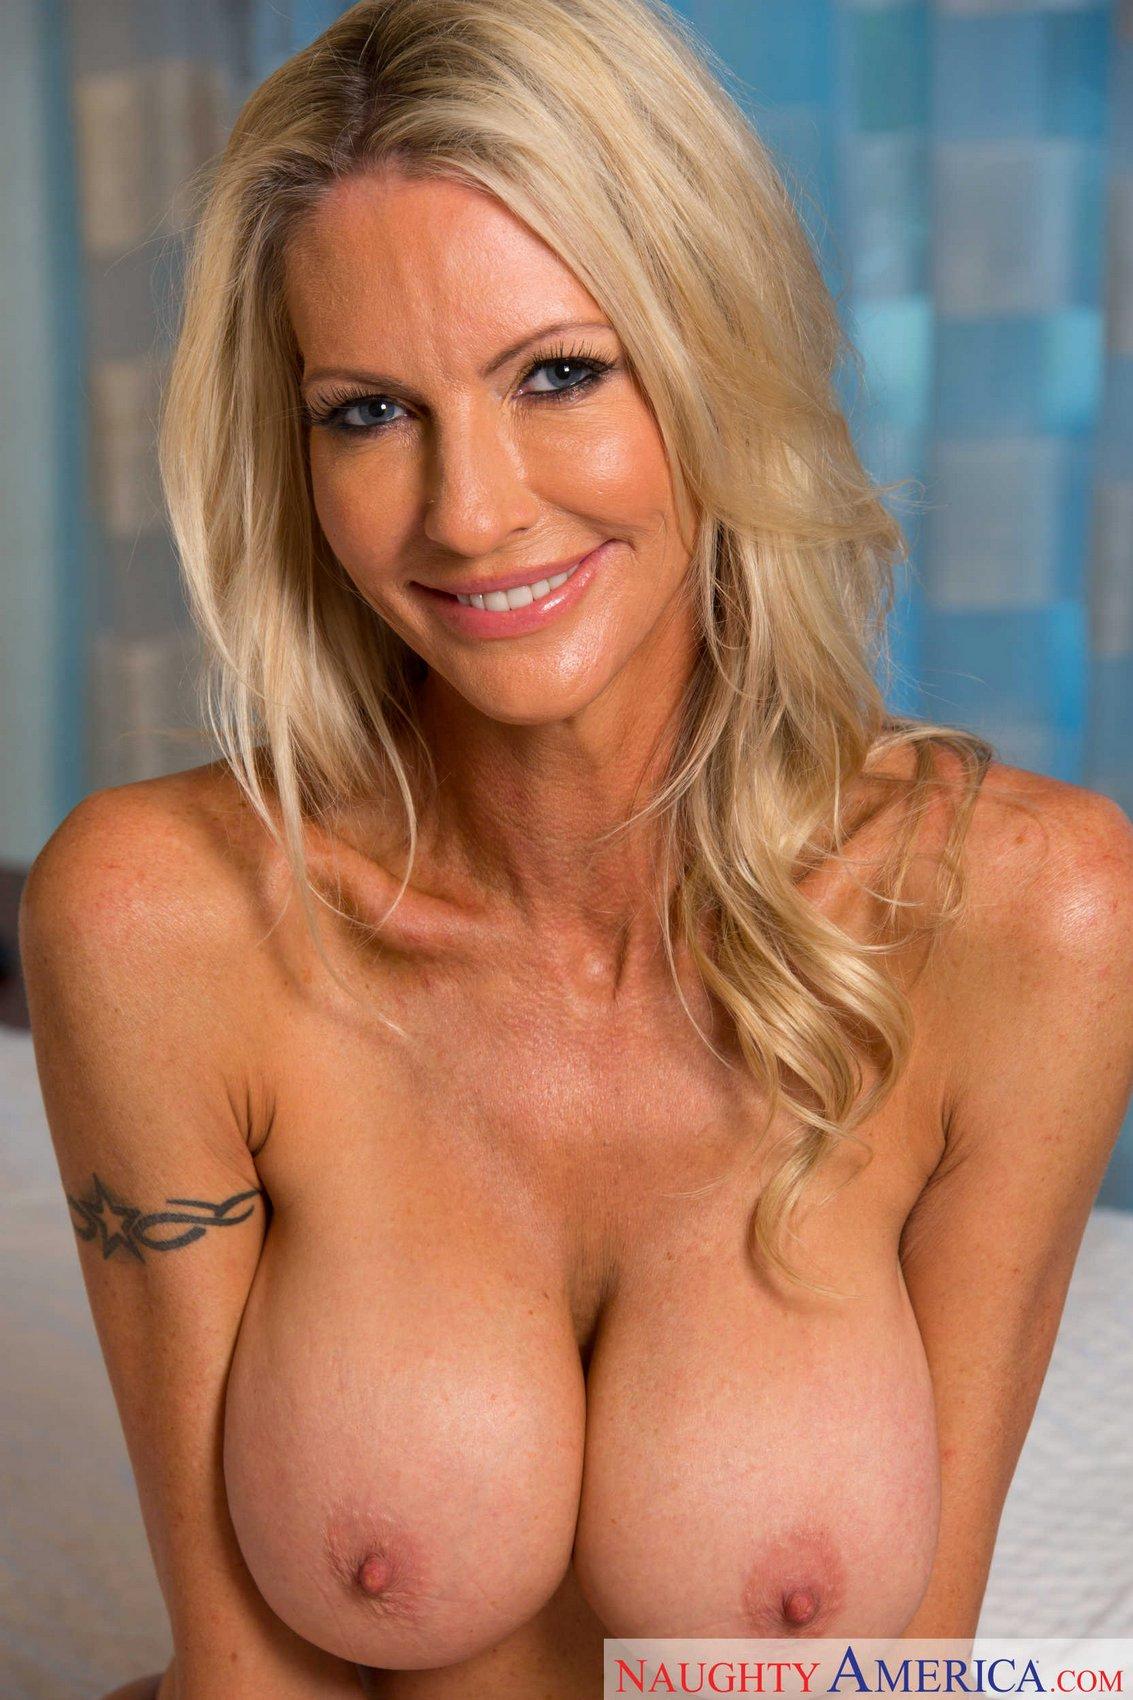 The best blonde pornstar